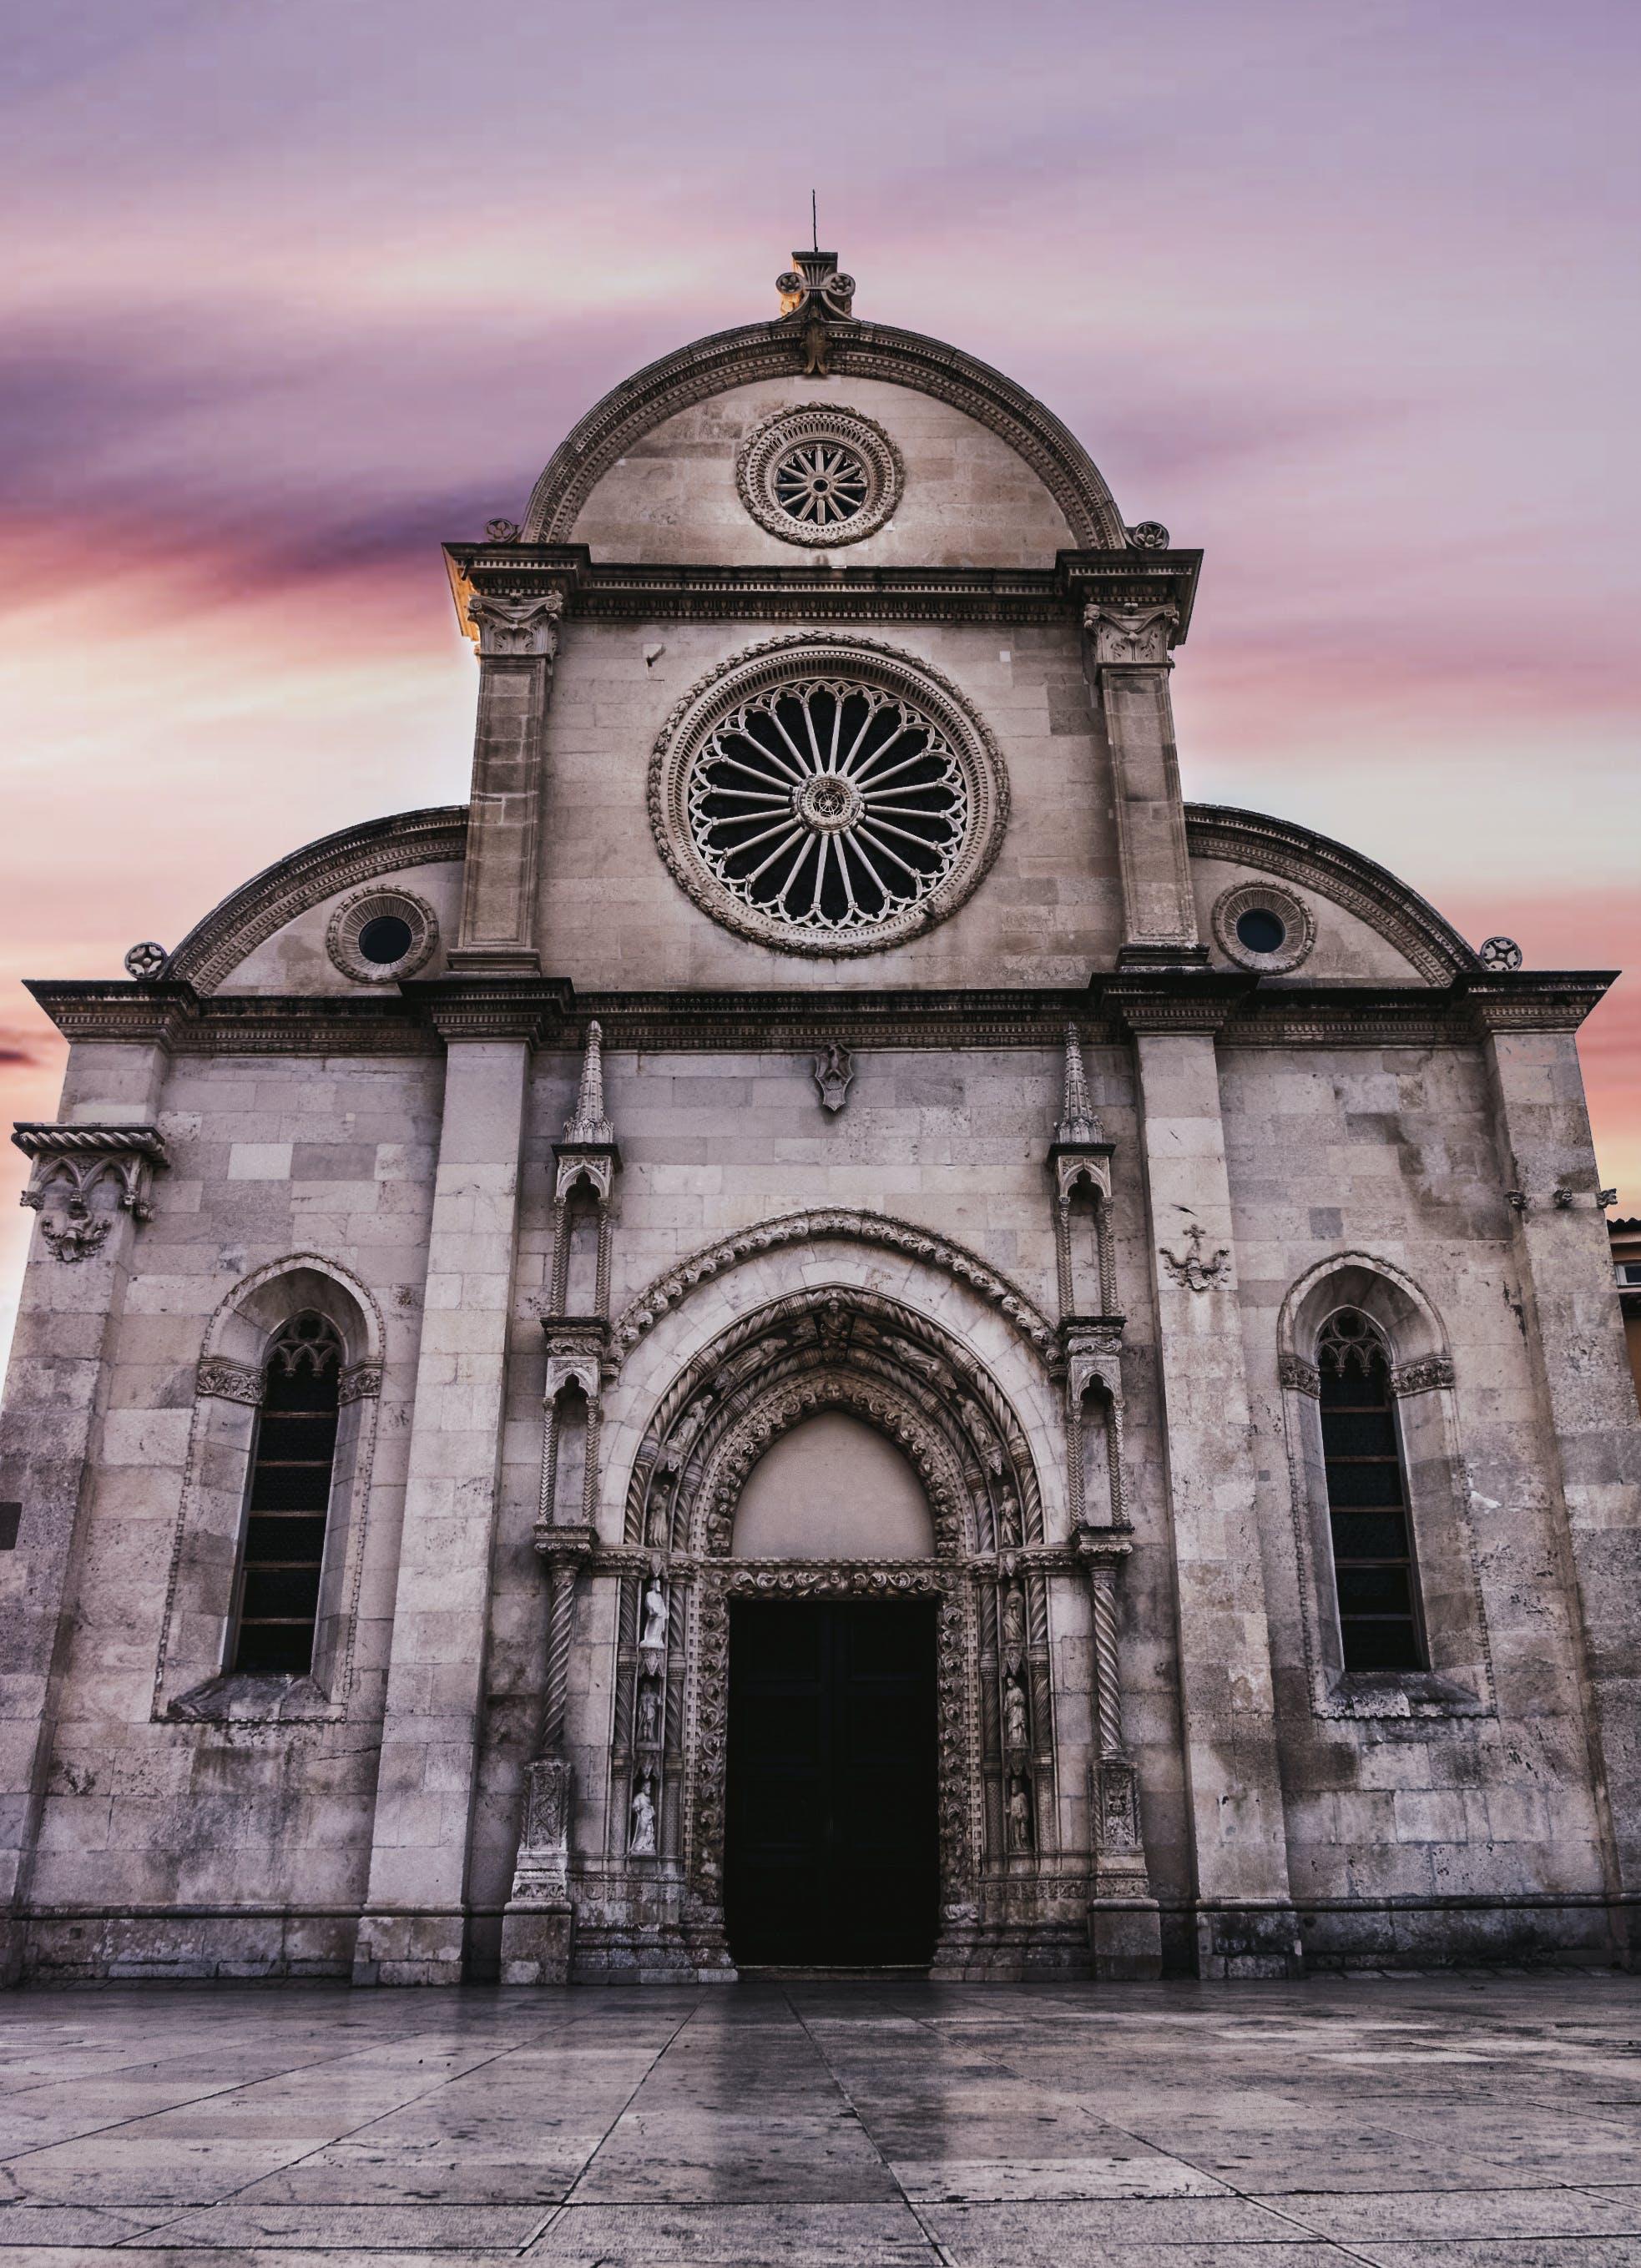 건축, 고대의, 관광 명소, 교회의 무료 스톡 사진